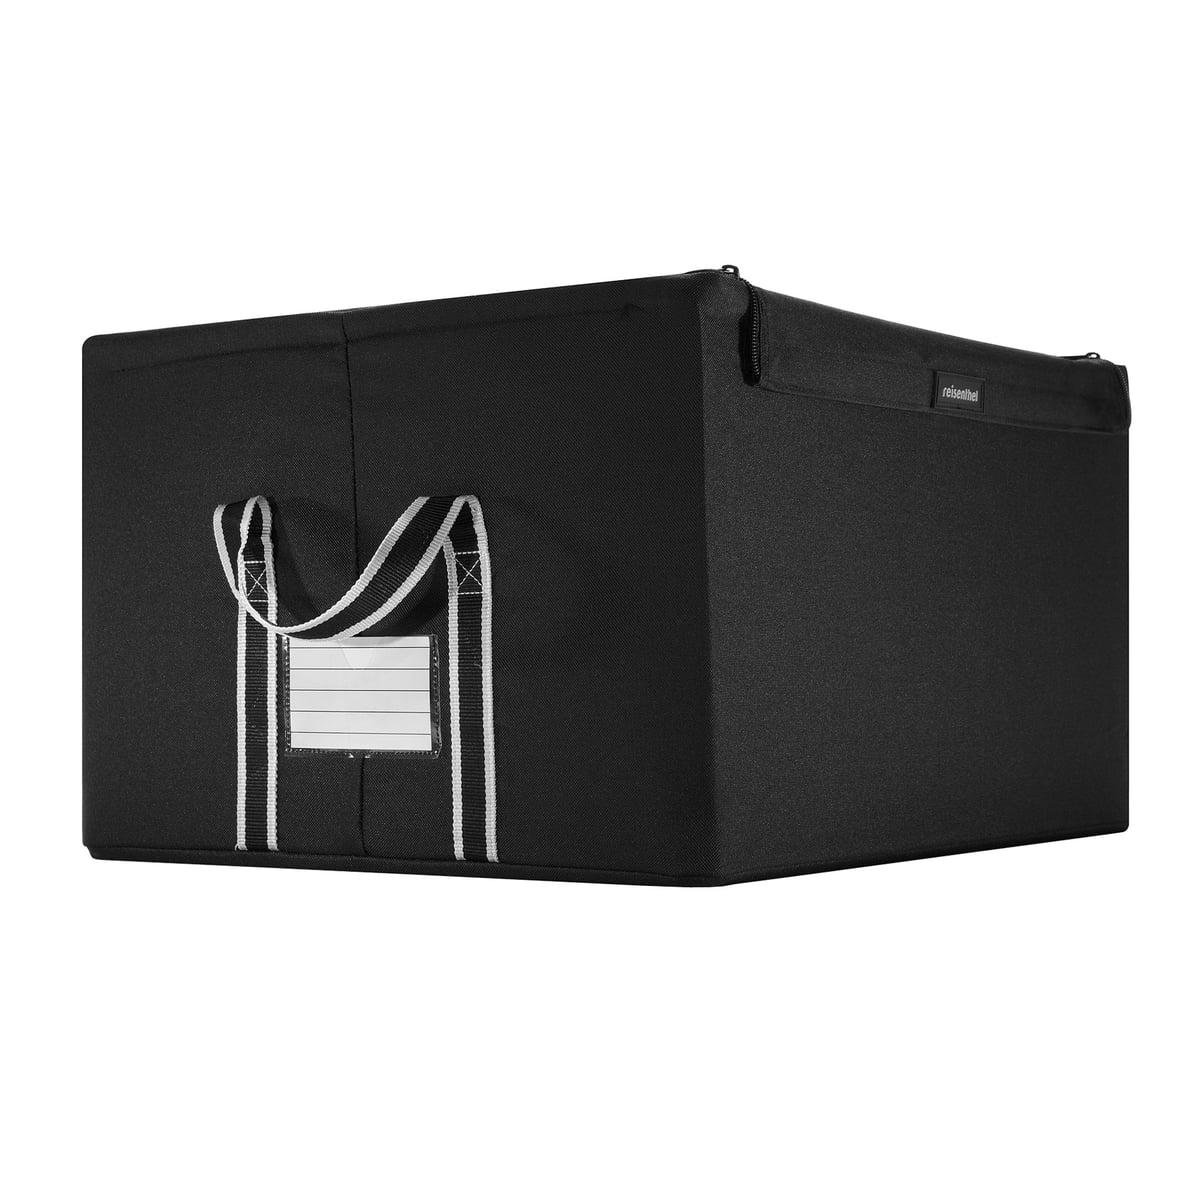 reisenthel - Storagebox L black  sc 1 st  Connox & storagebox L by reisenthel in the shop